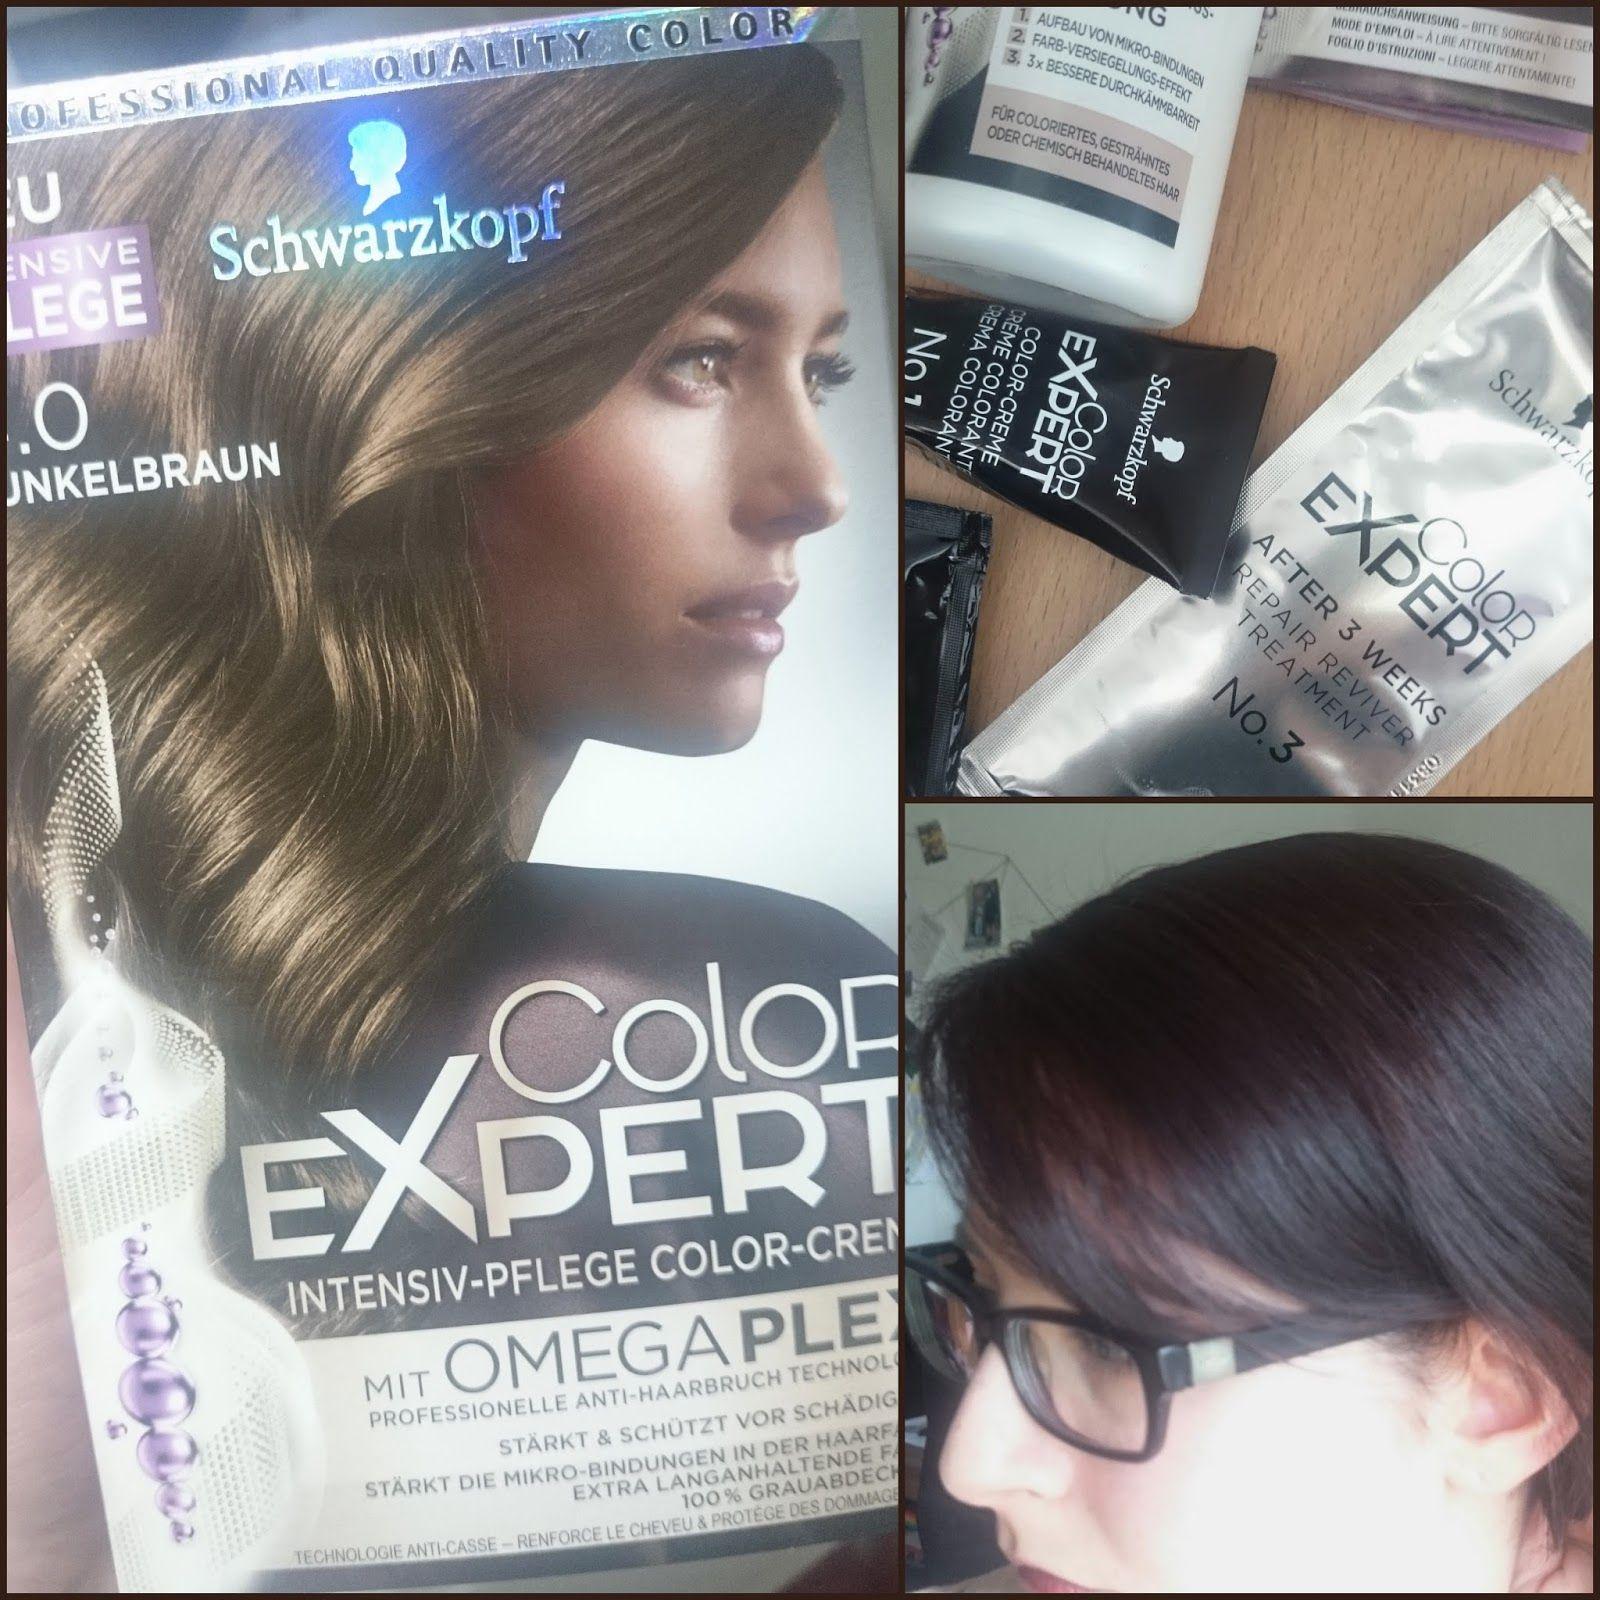 [Beauty] Schwarzkopf Color Expert Intensiv-Pflege Color